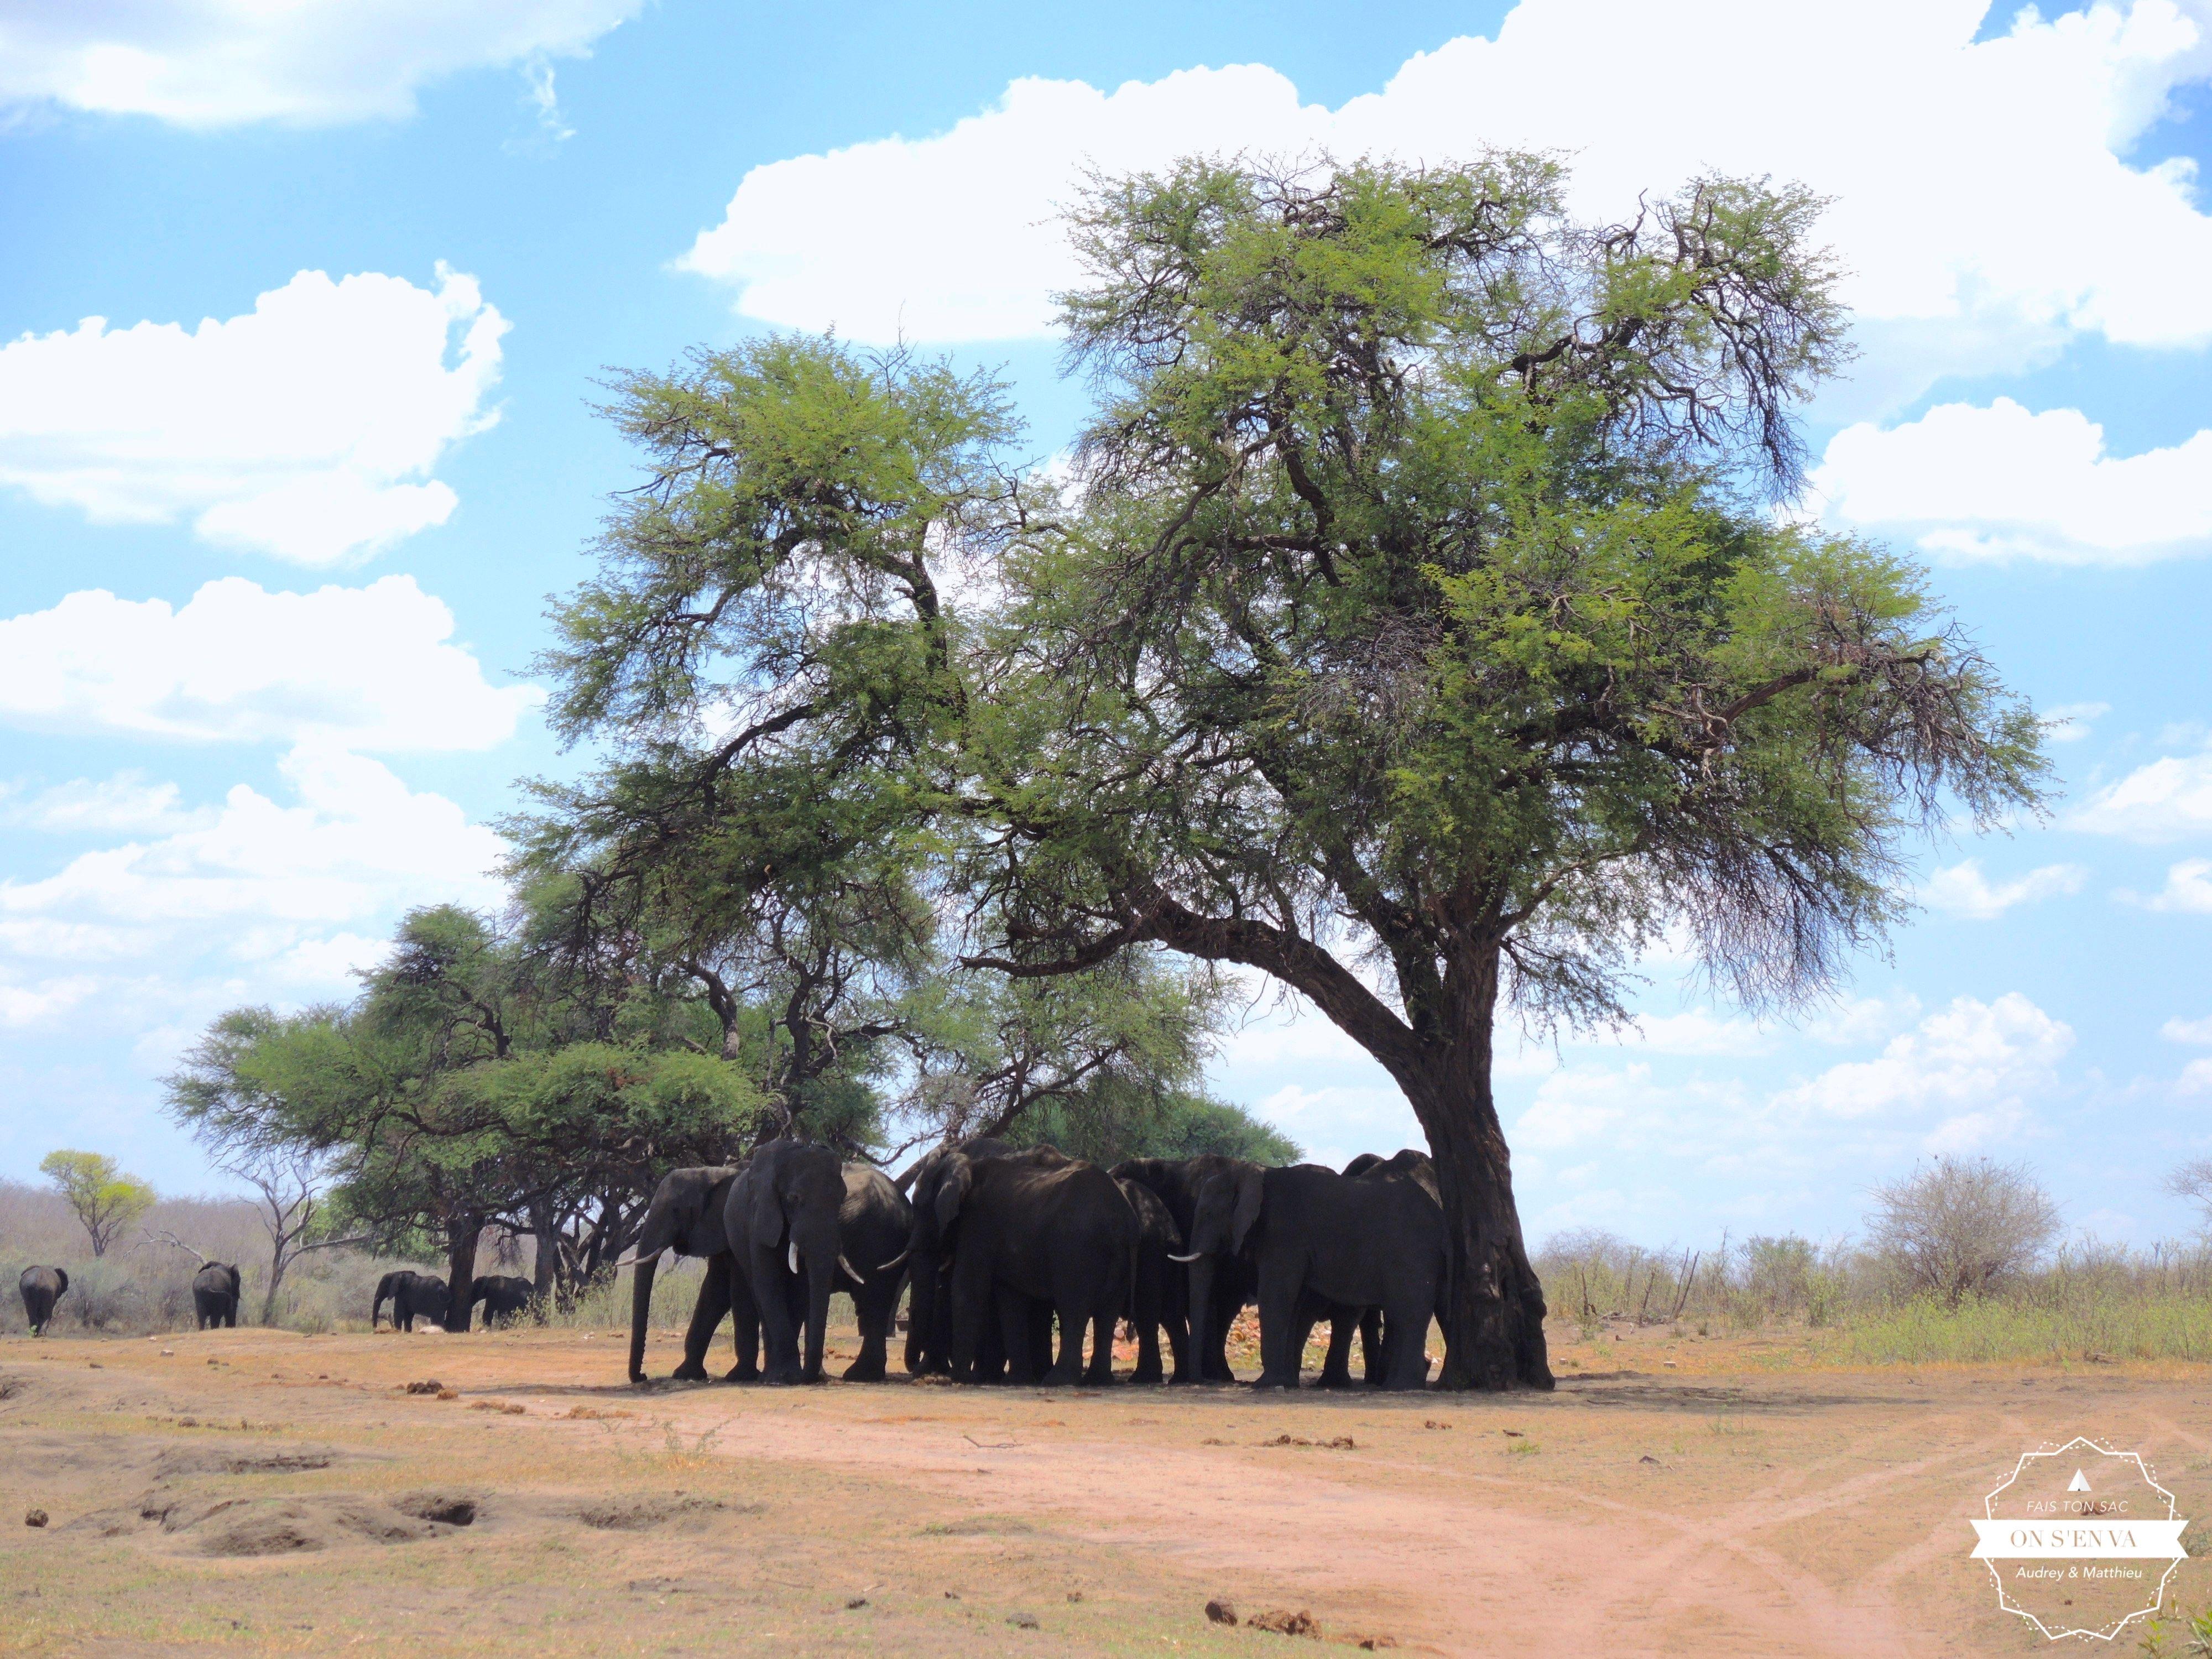 Les éléphants cherchent l'ombre